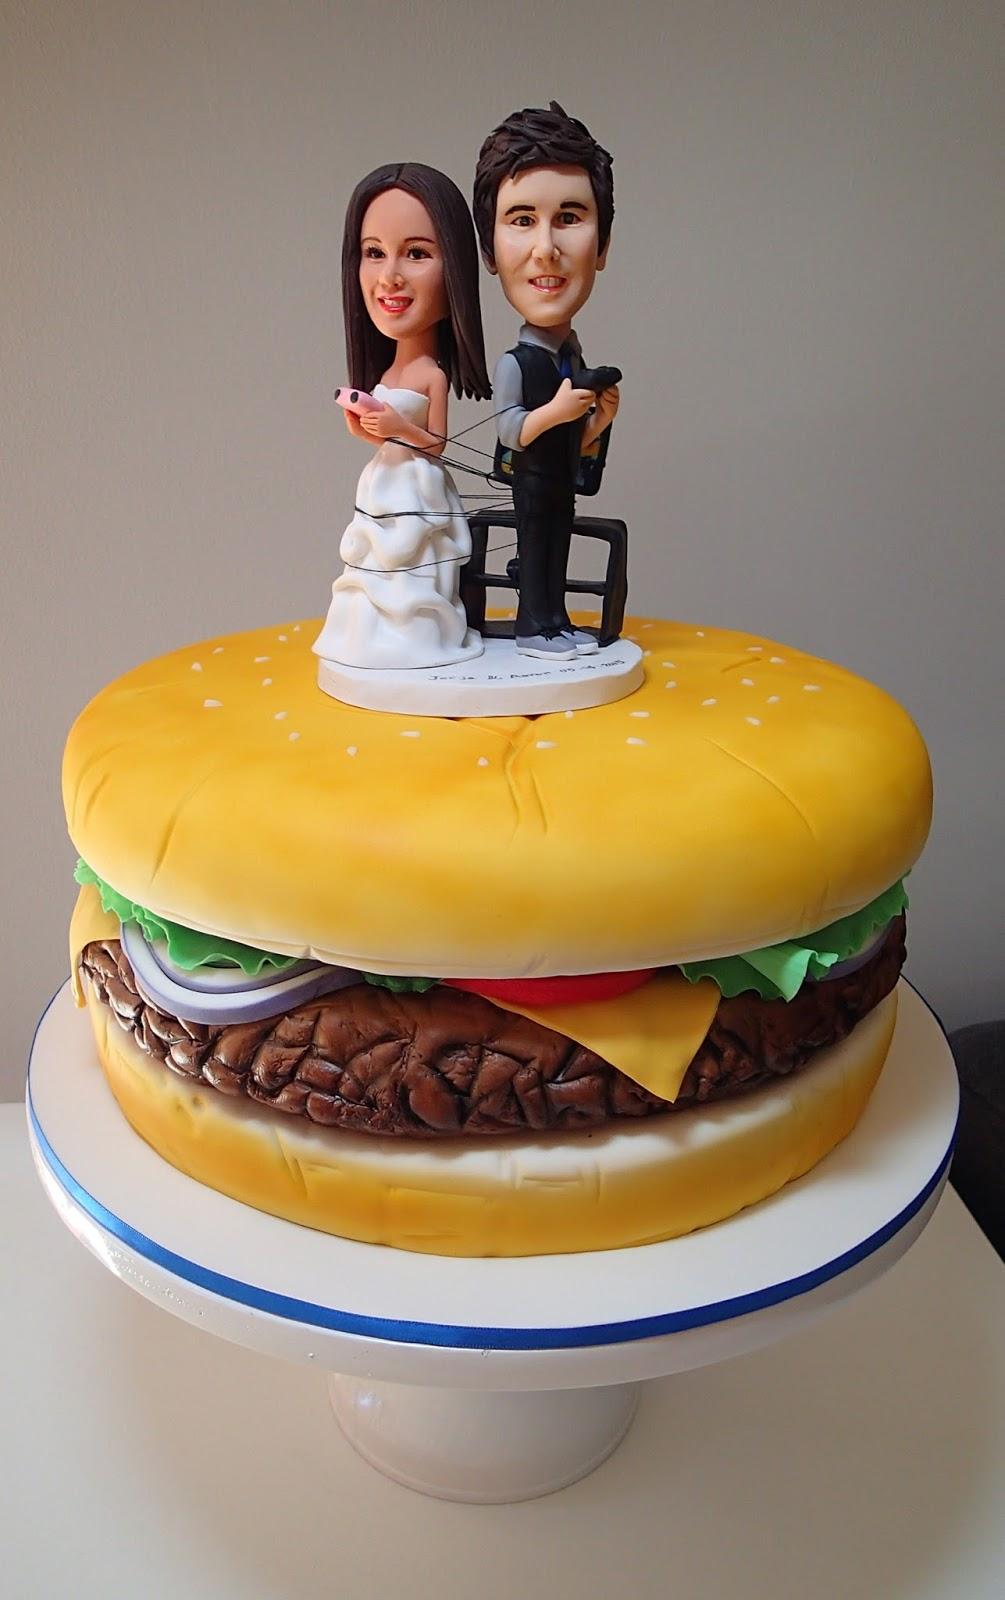 Burger wedding(!!) cake | Monkey business